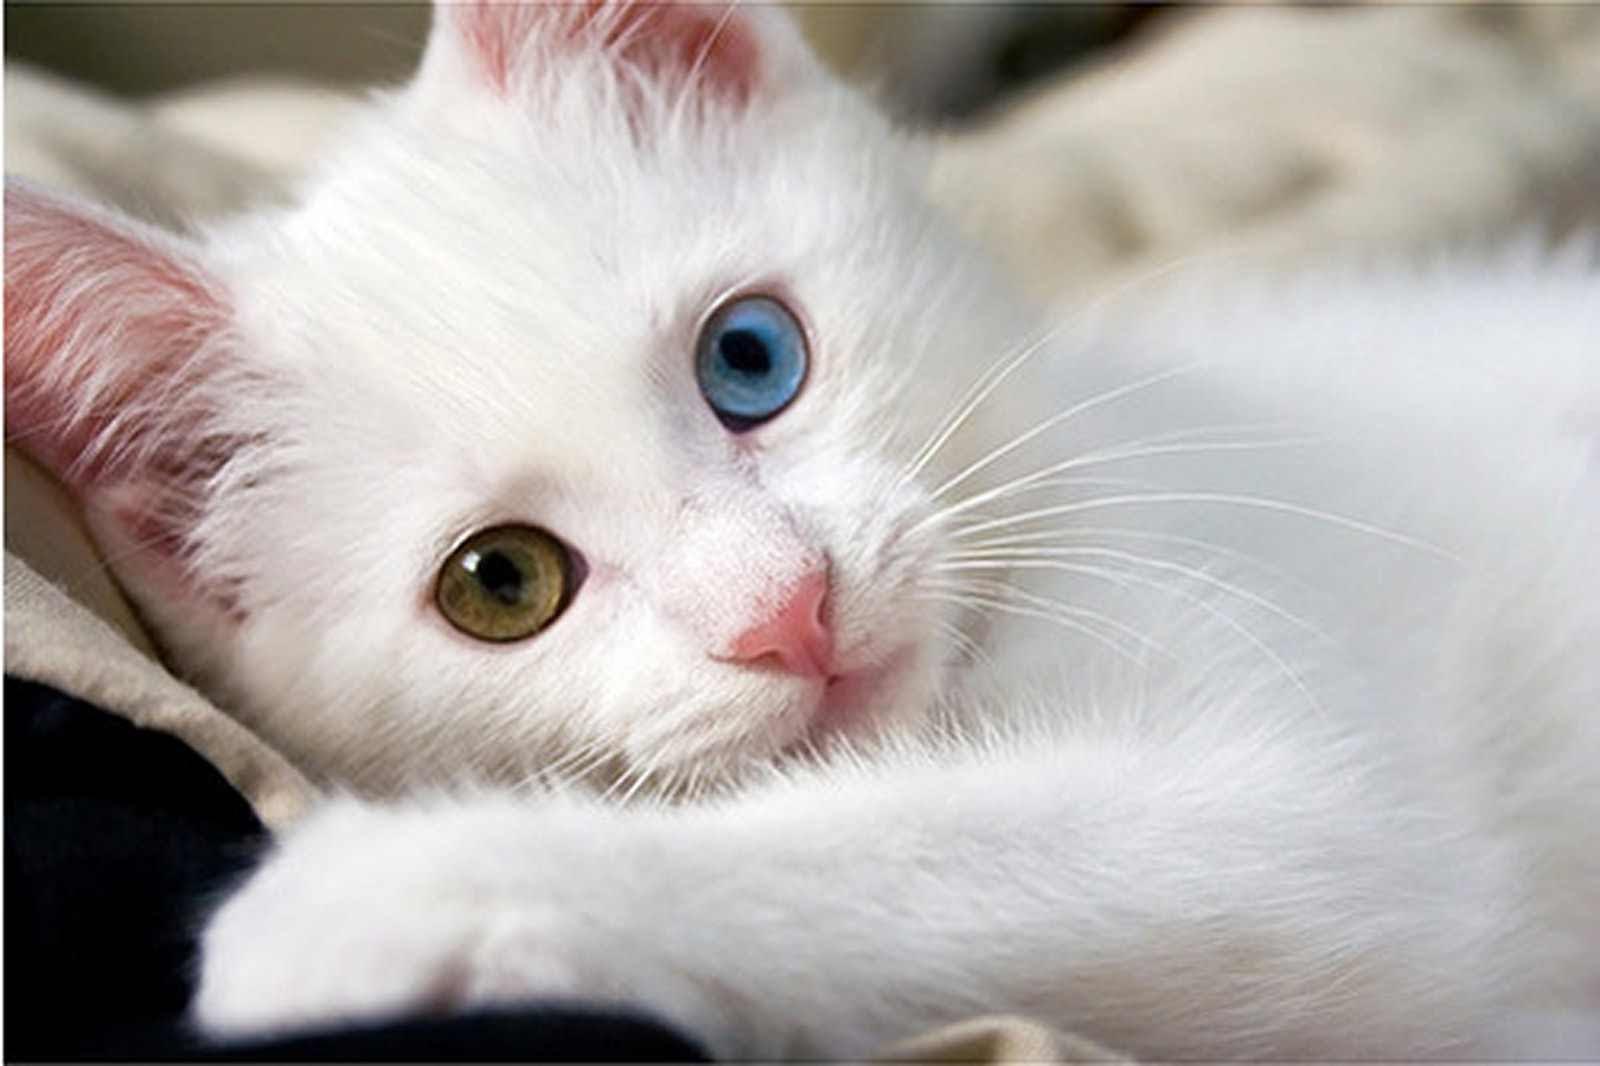 بالصور اجمل صور قطط , ارق واجمل صور قطط 5209 8